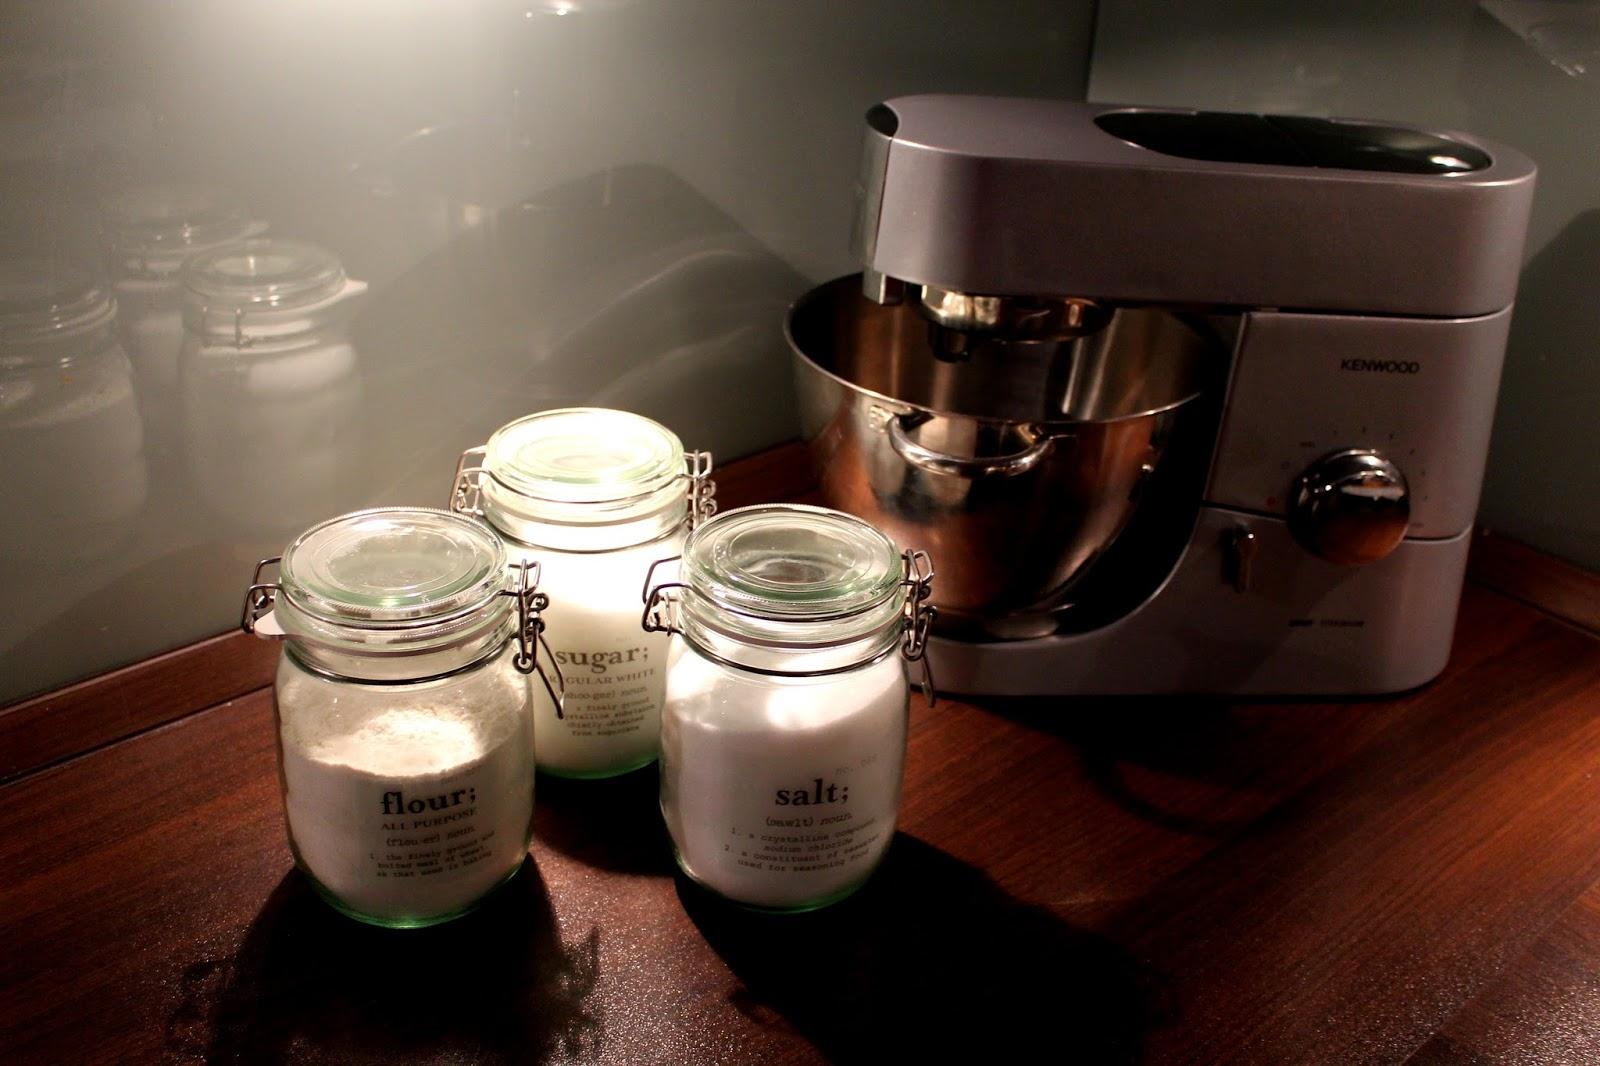 DIY, Basteln: Zucker, Mehl, Salzdosen mit Decal Folie beschriften in Geschenke aus der Küche und Geschenkideen - DIYCarinchen